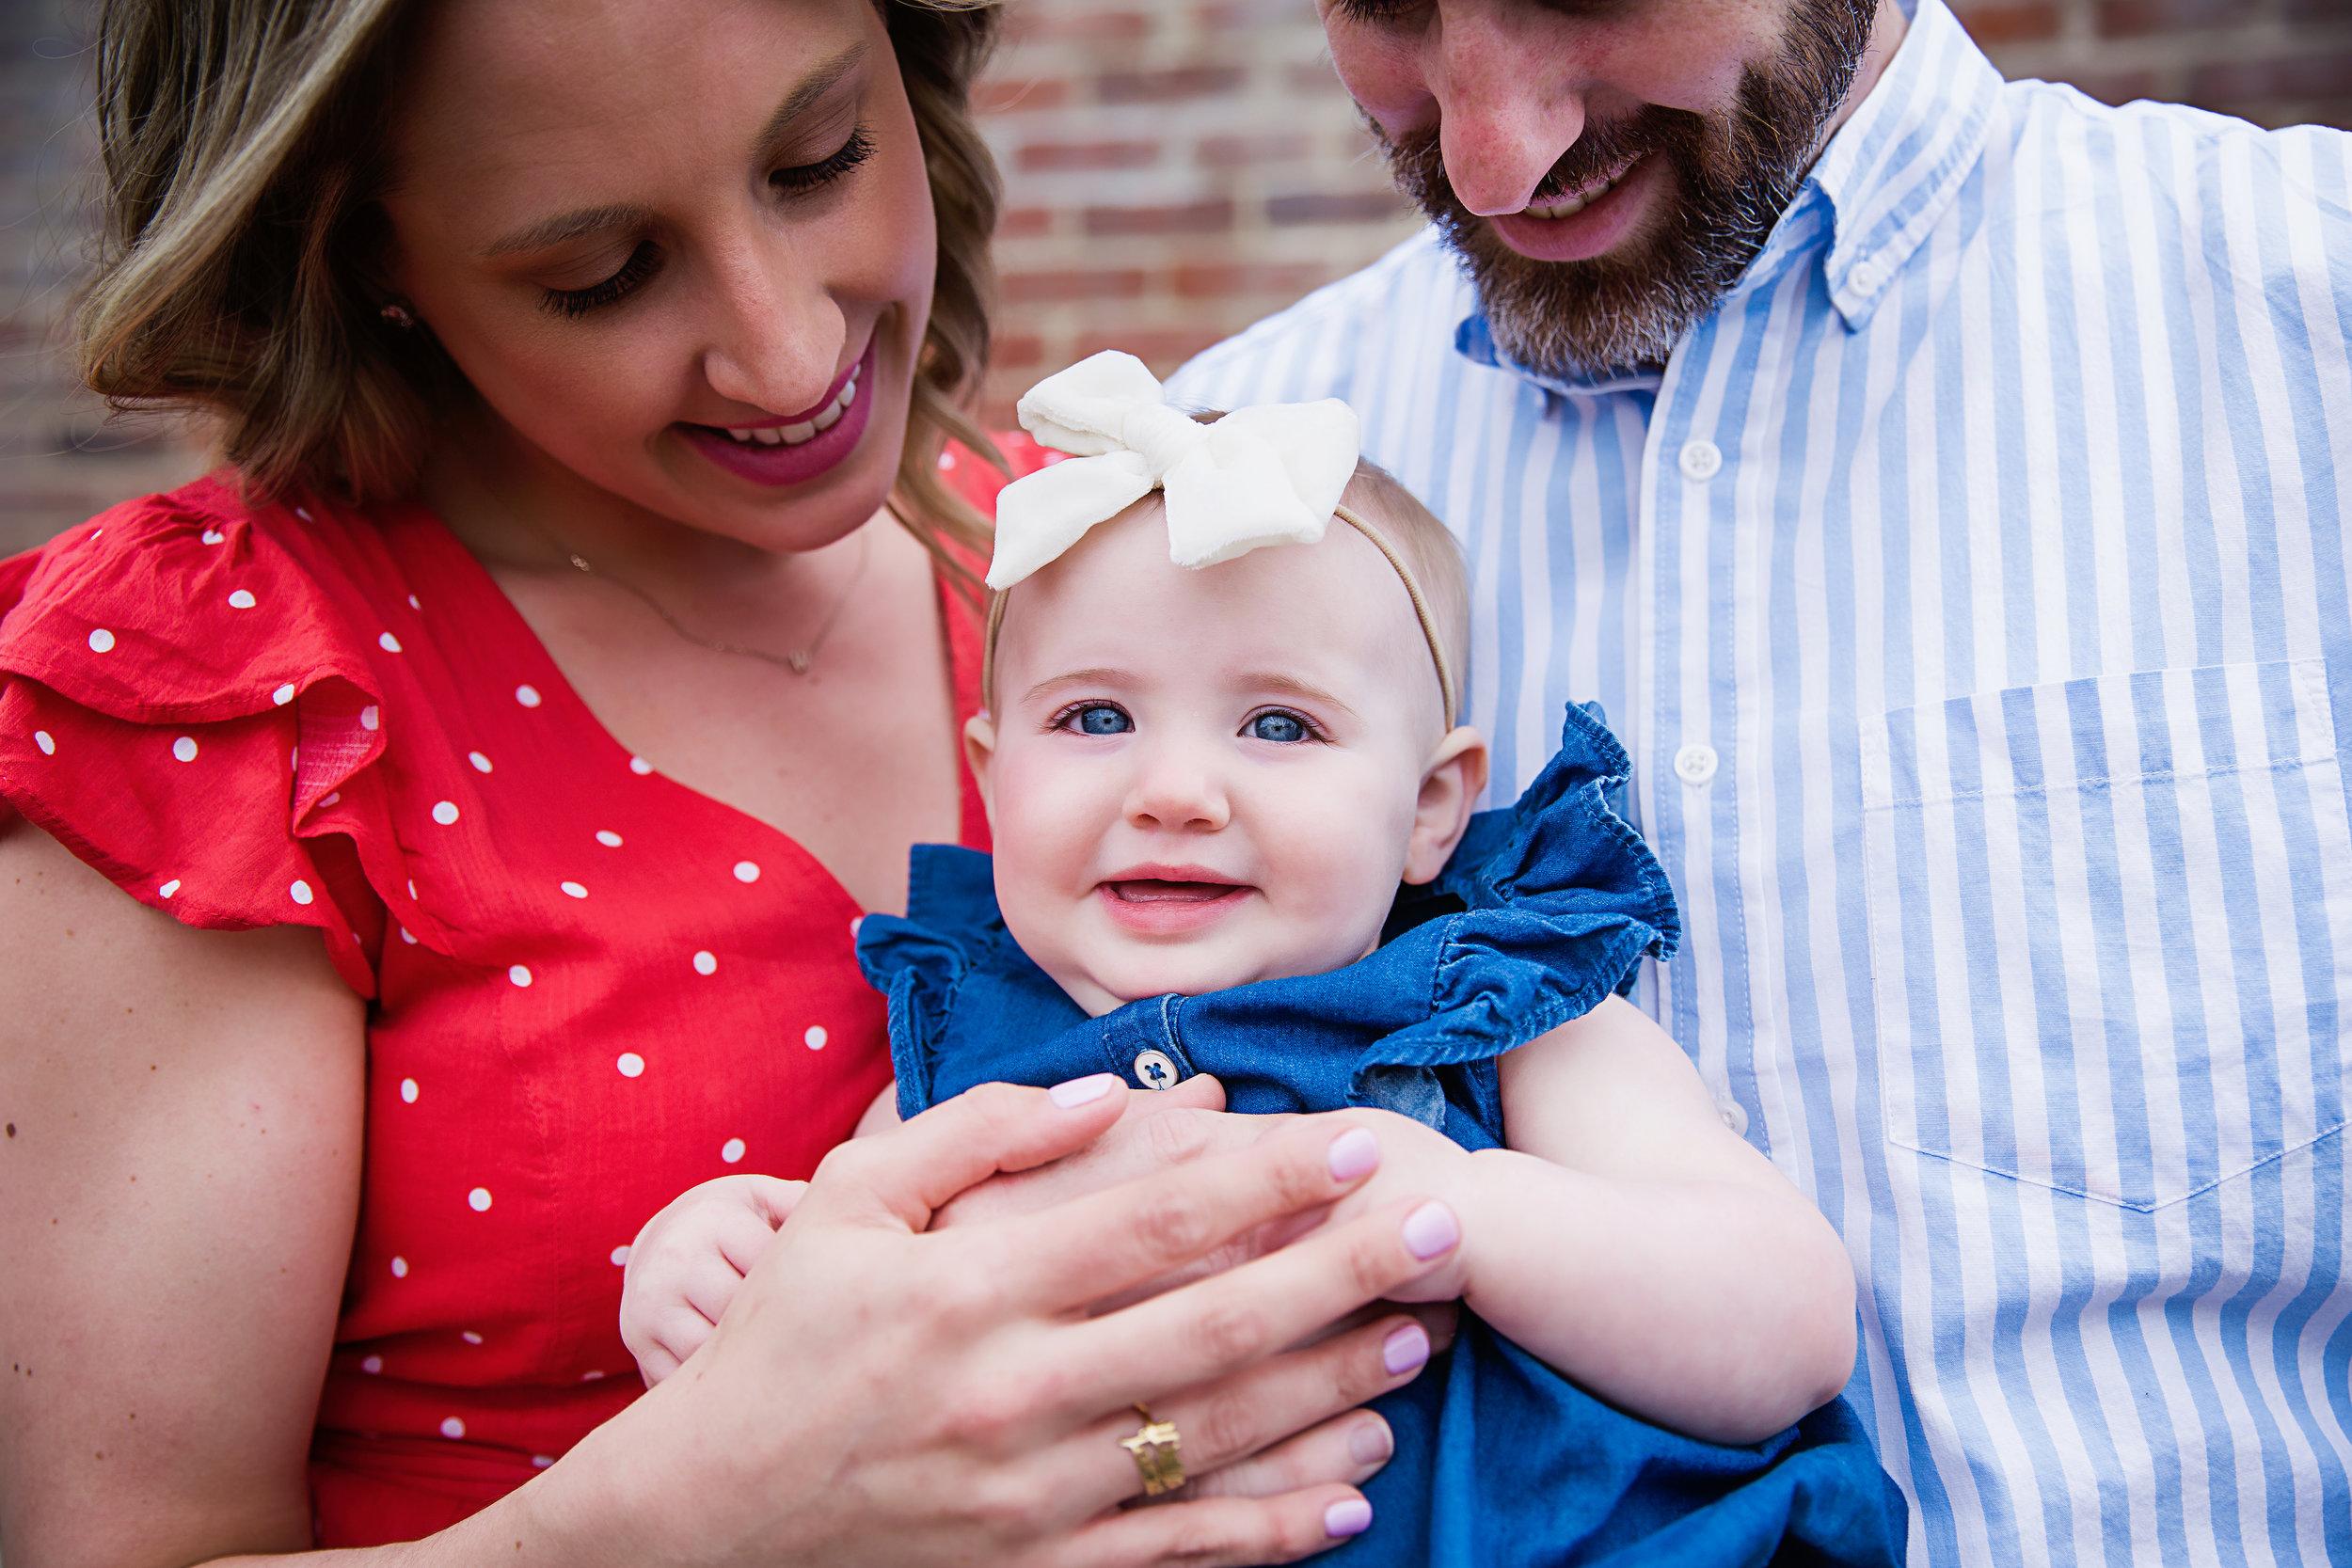 family-first-birthday-photo-shoot-white-bow